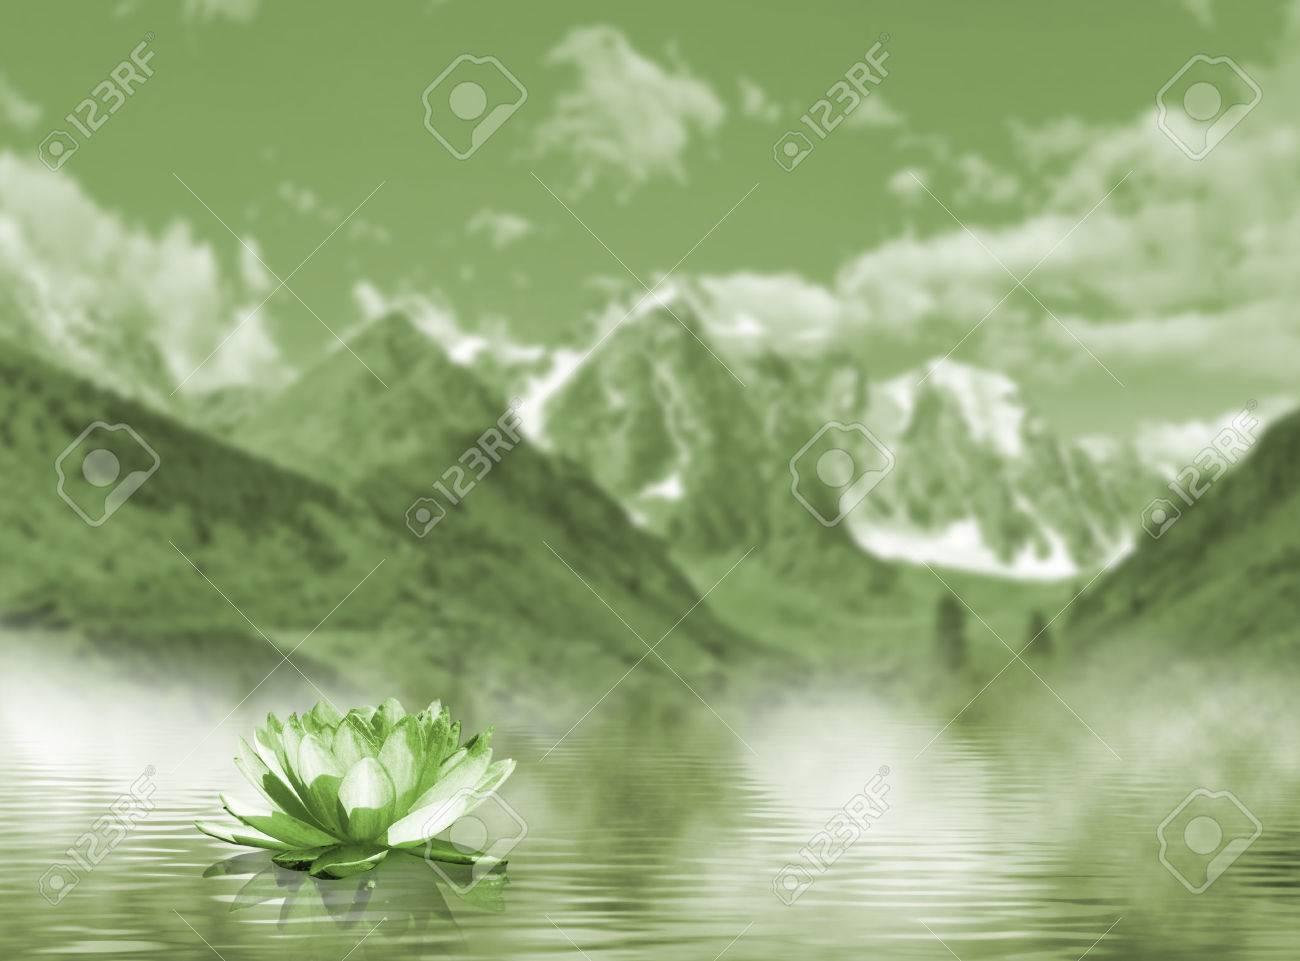 Imagen De La Flor De Loto En El Agua En El Fondo De Las Montañas